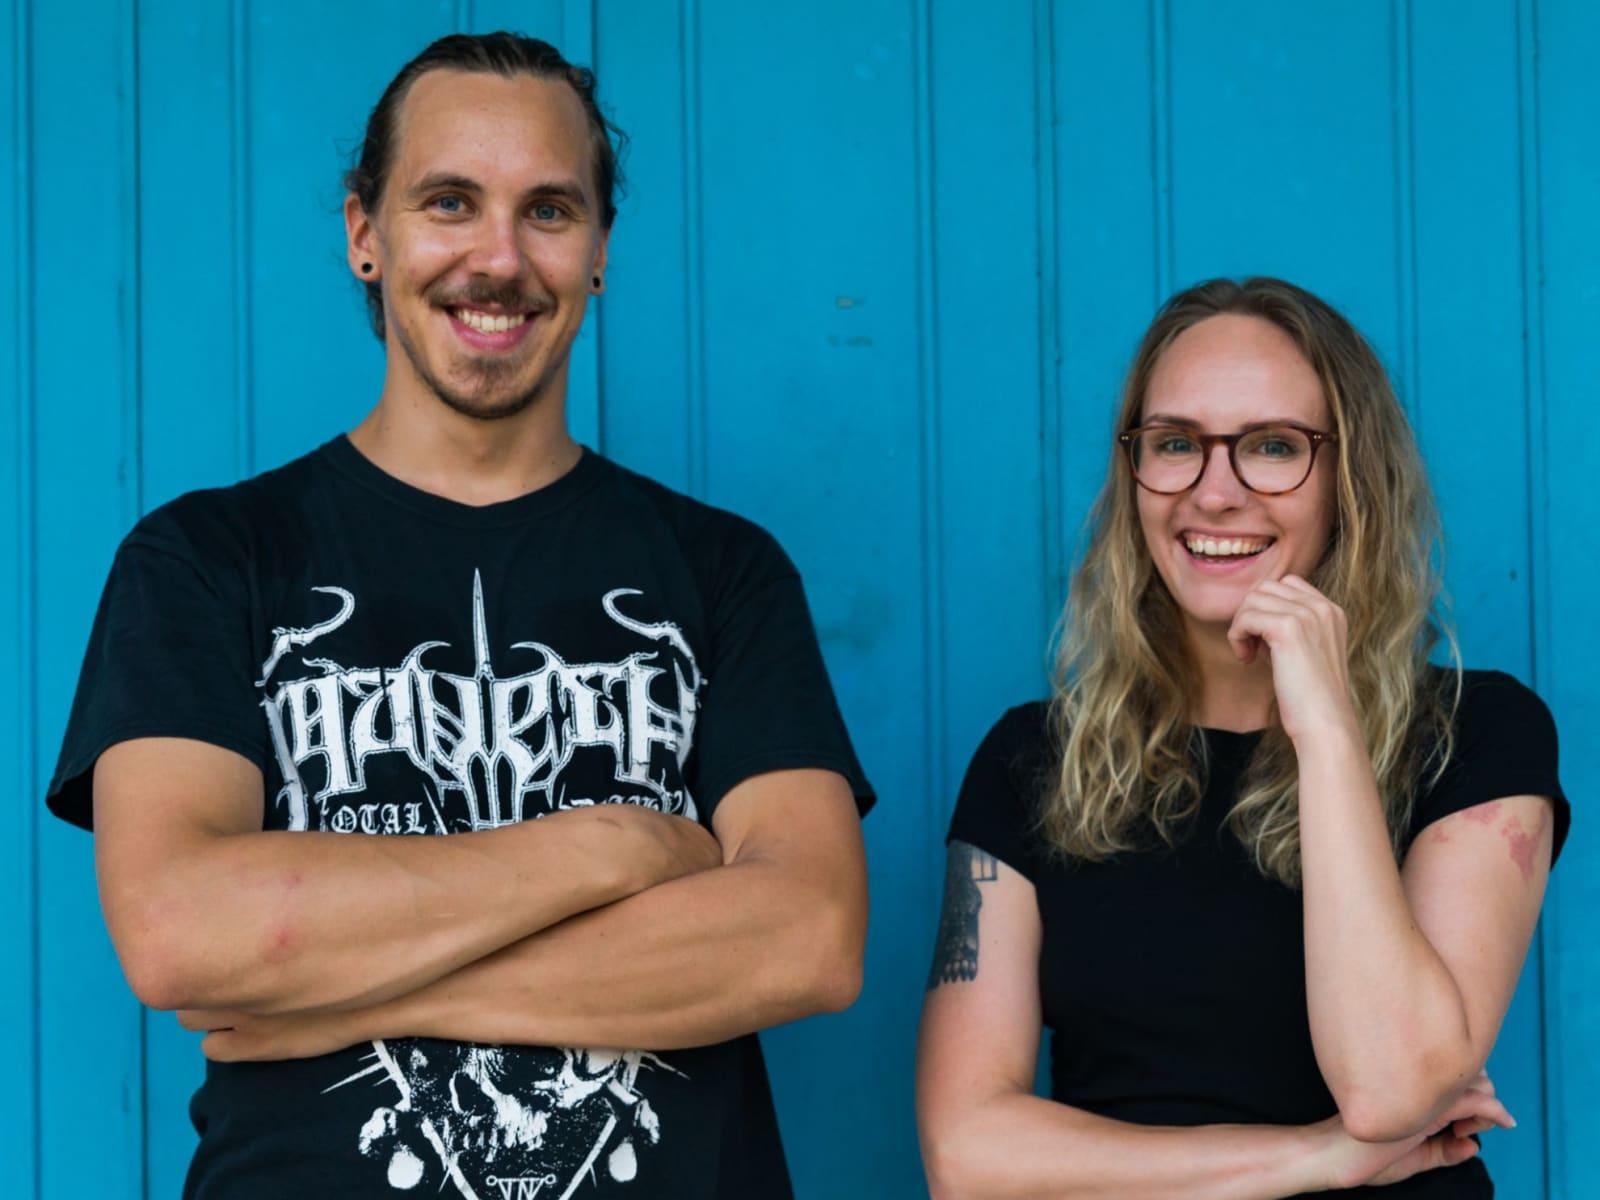 Malla & Mikko from Helsinki, Finland